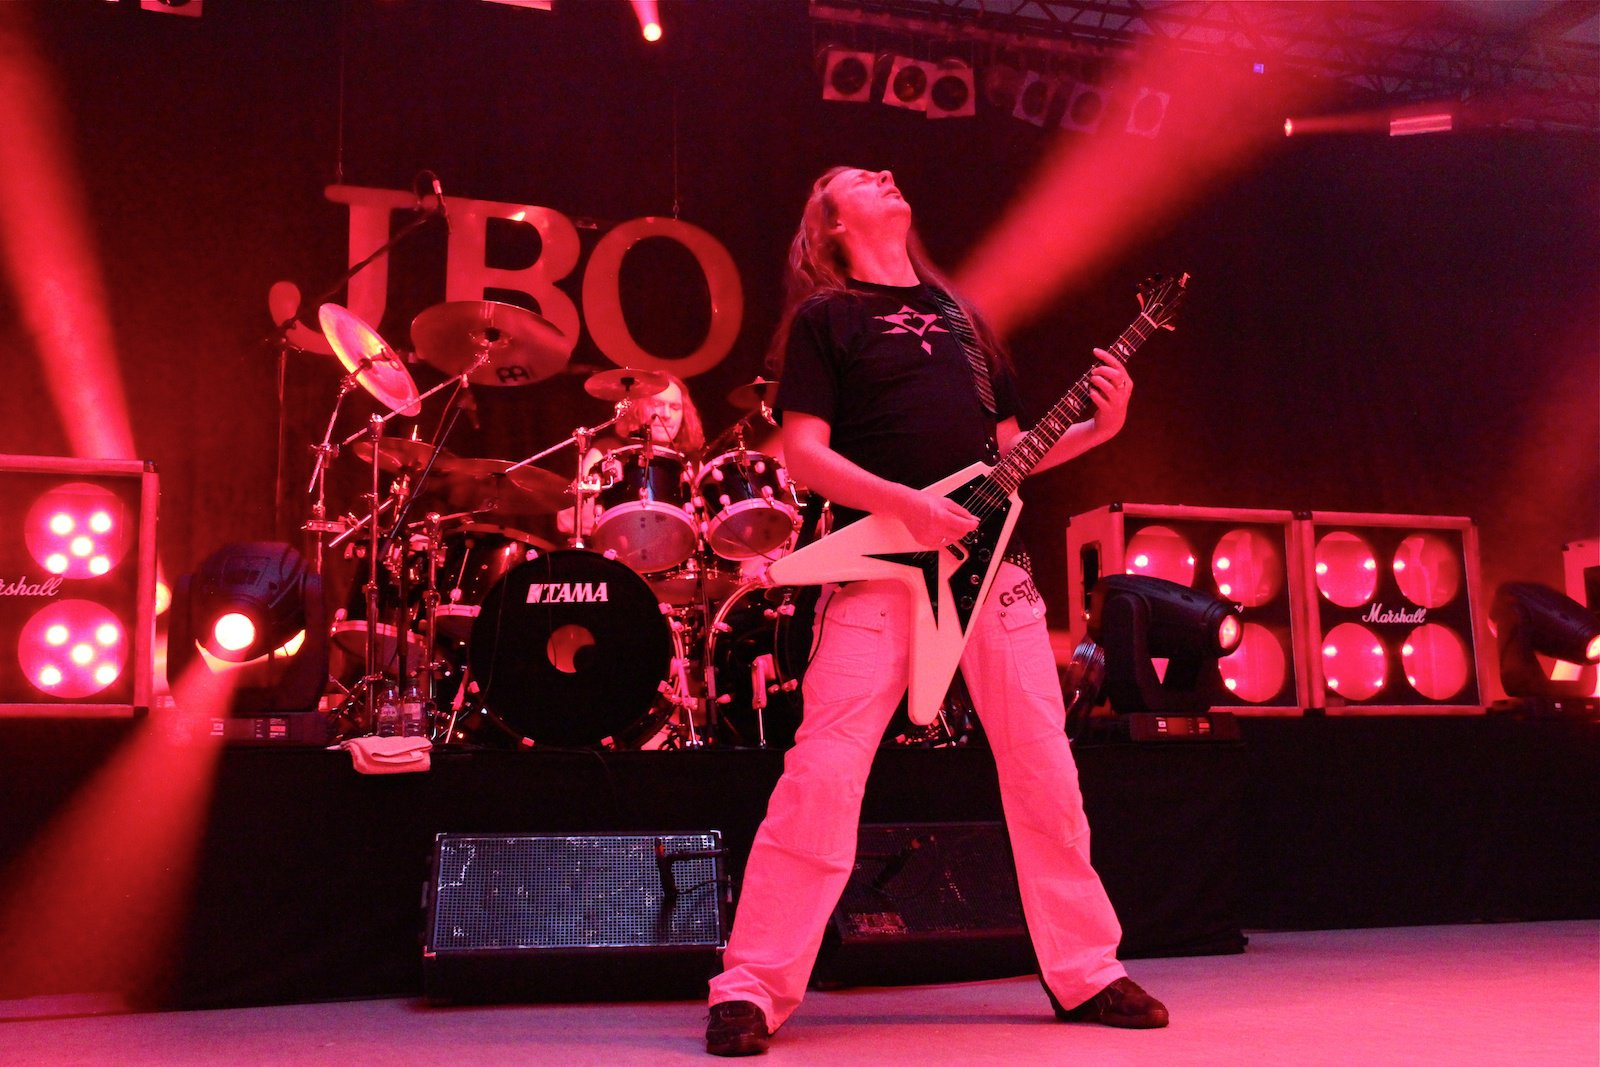 J.B.O. - Sommerfesthalle Otterstadt 18.06.2011 - 79